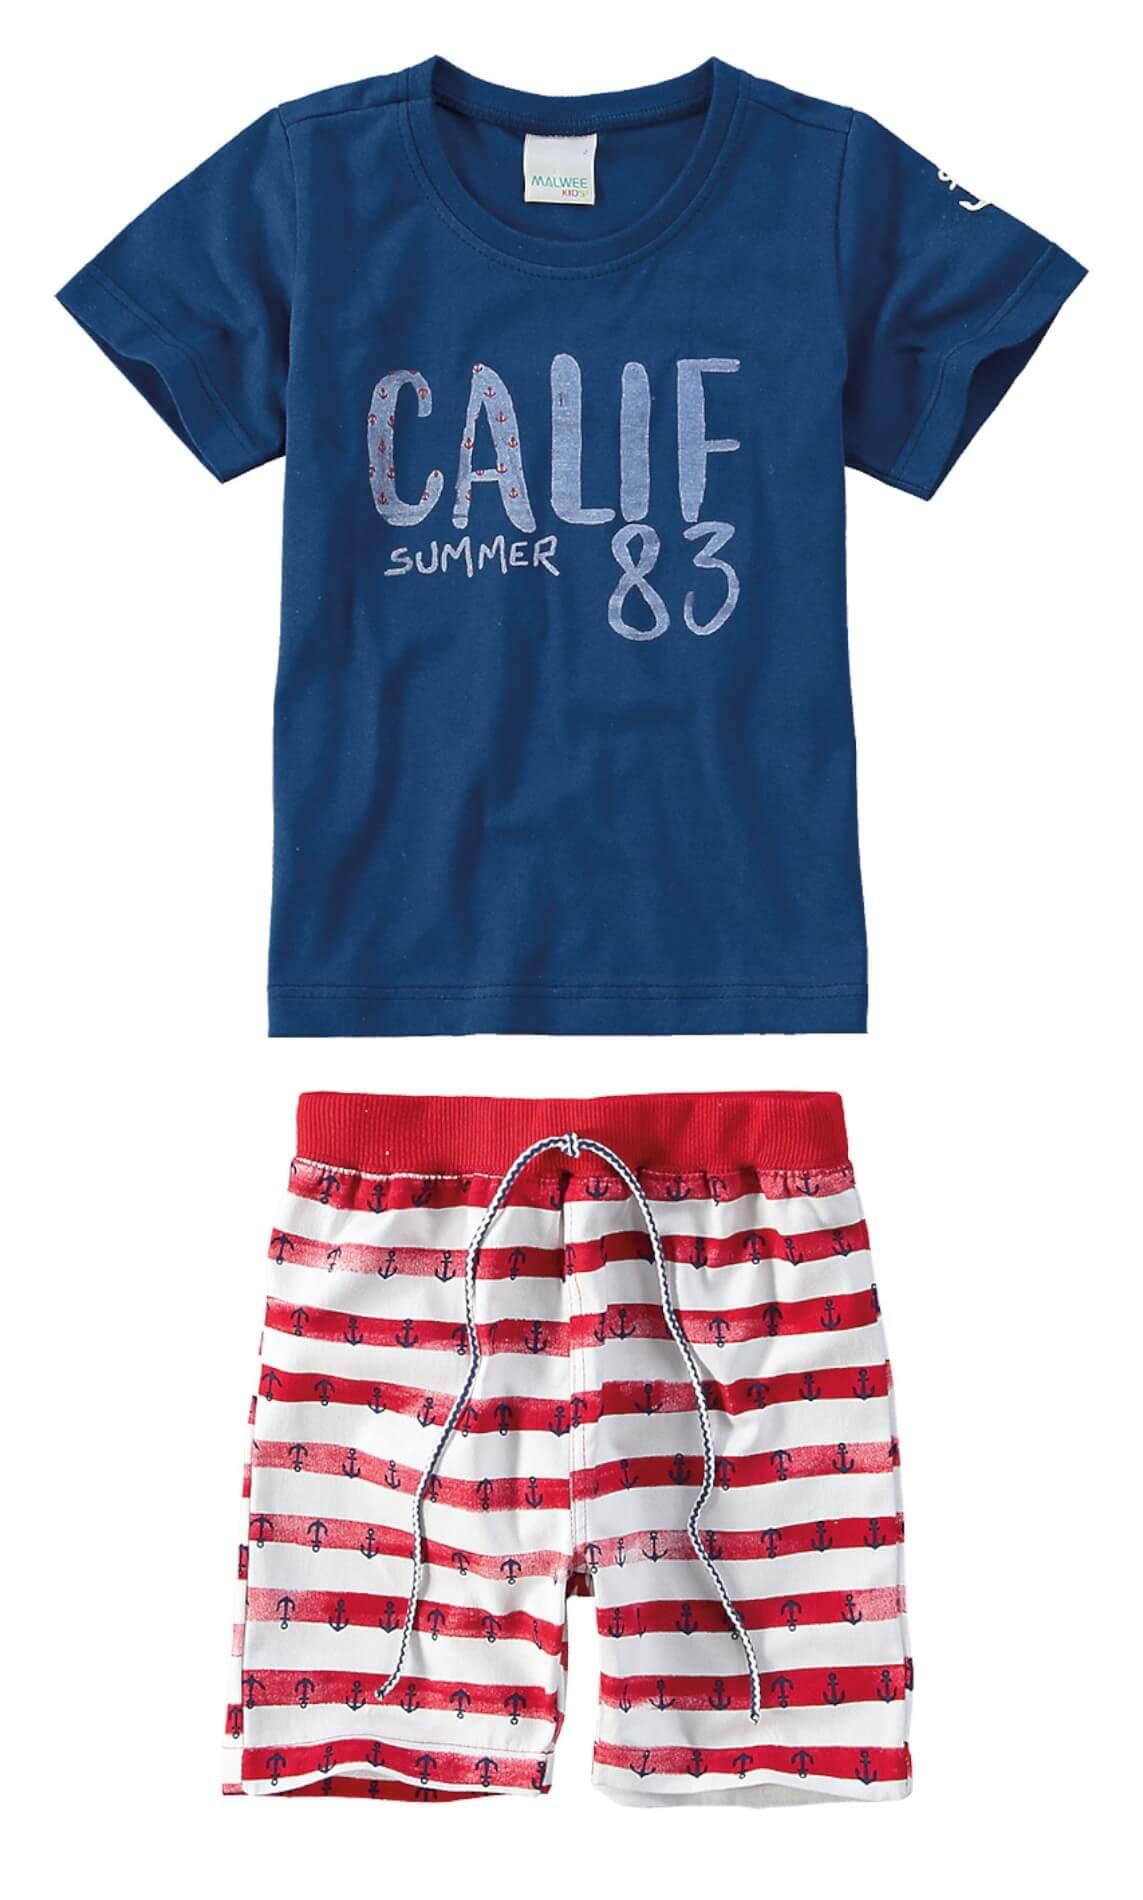 c26a4a205 Conjunto Infantil Masculino Azul Marinho Verão Malwee